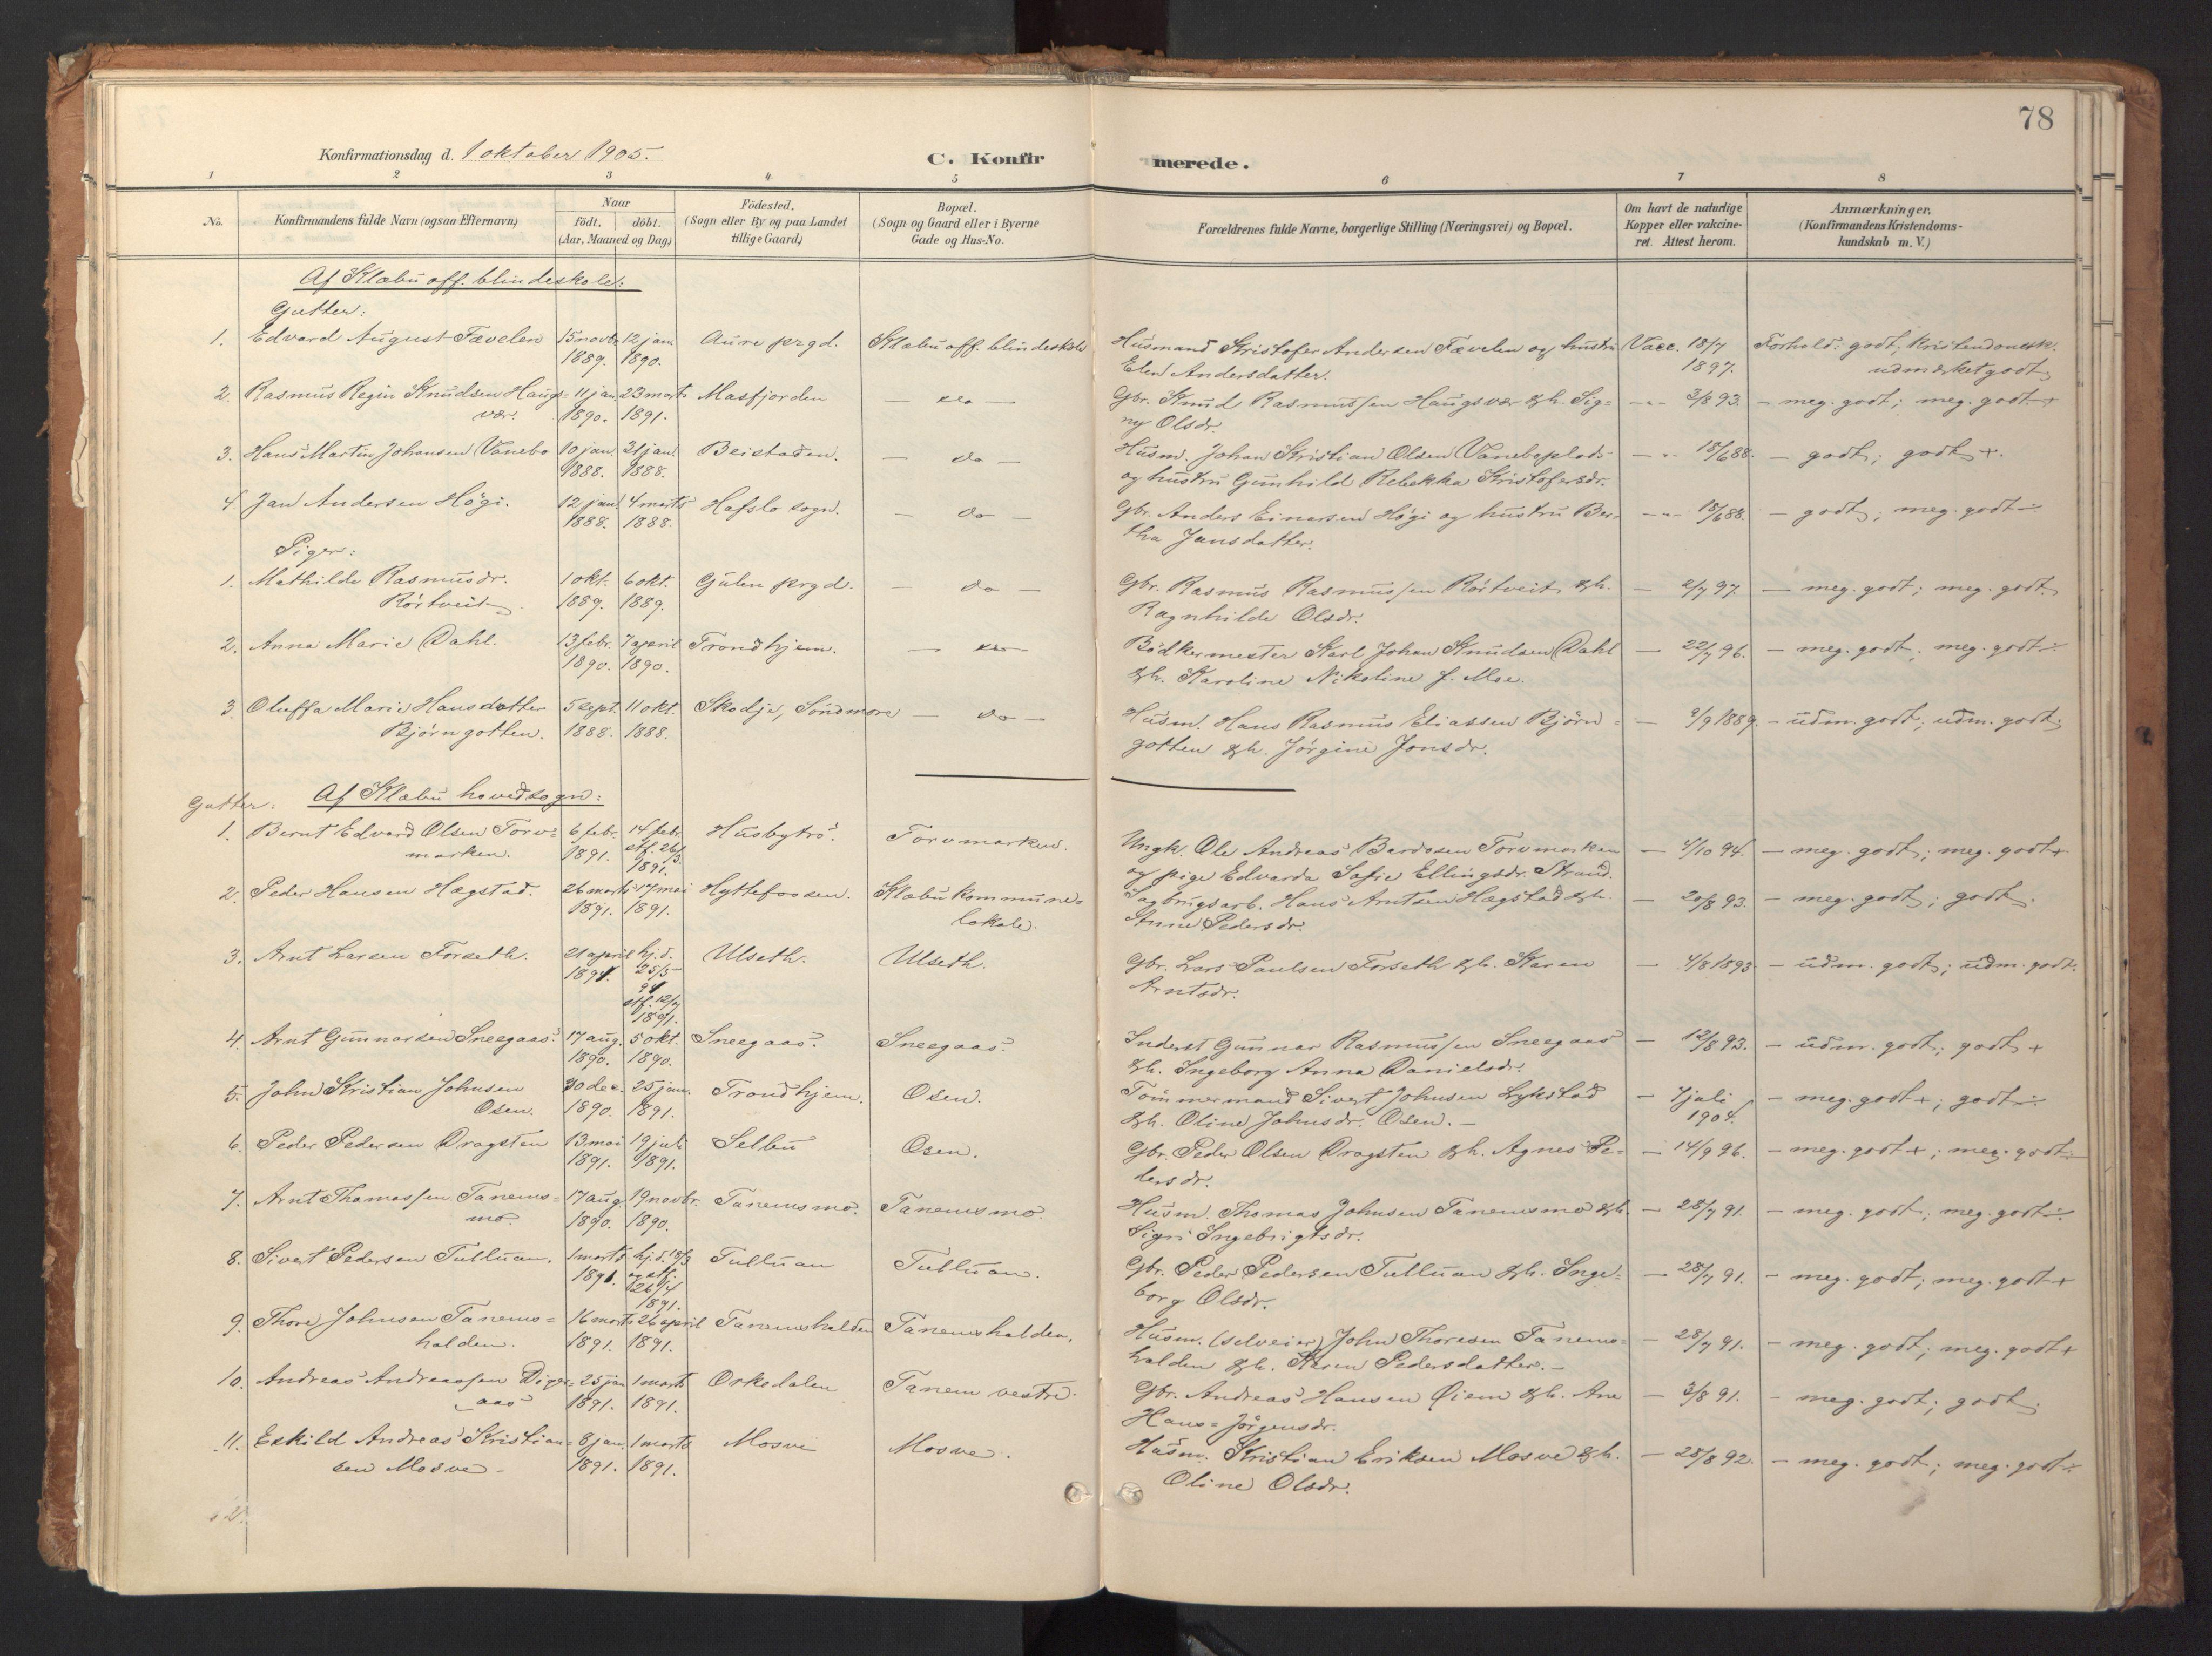 SAT, Ministerialprotokoller, klokkerbøker og fødselsregistre - Sør-Trøndelag, 618/L0448: Ministerialbok nr. 618A11, 1898-1916, s. 78